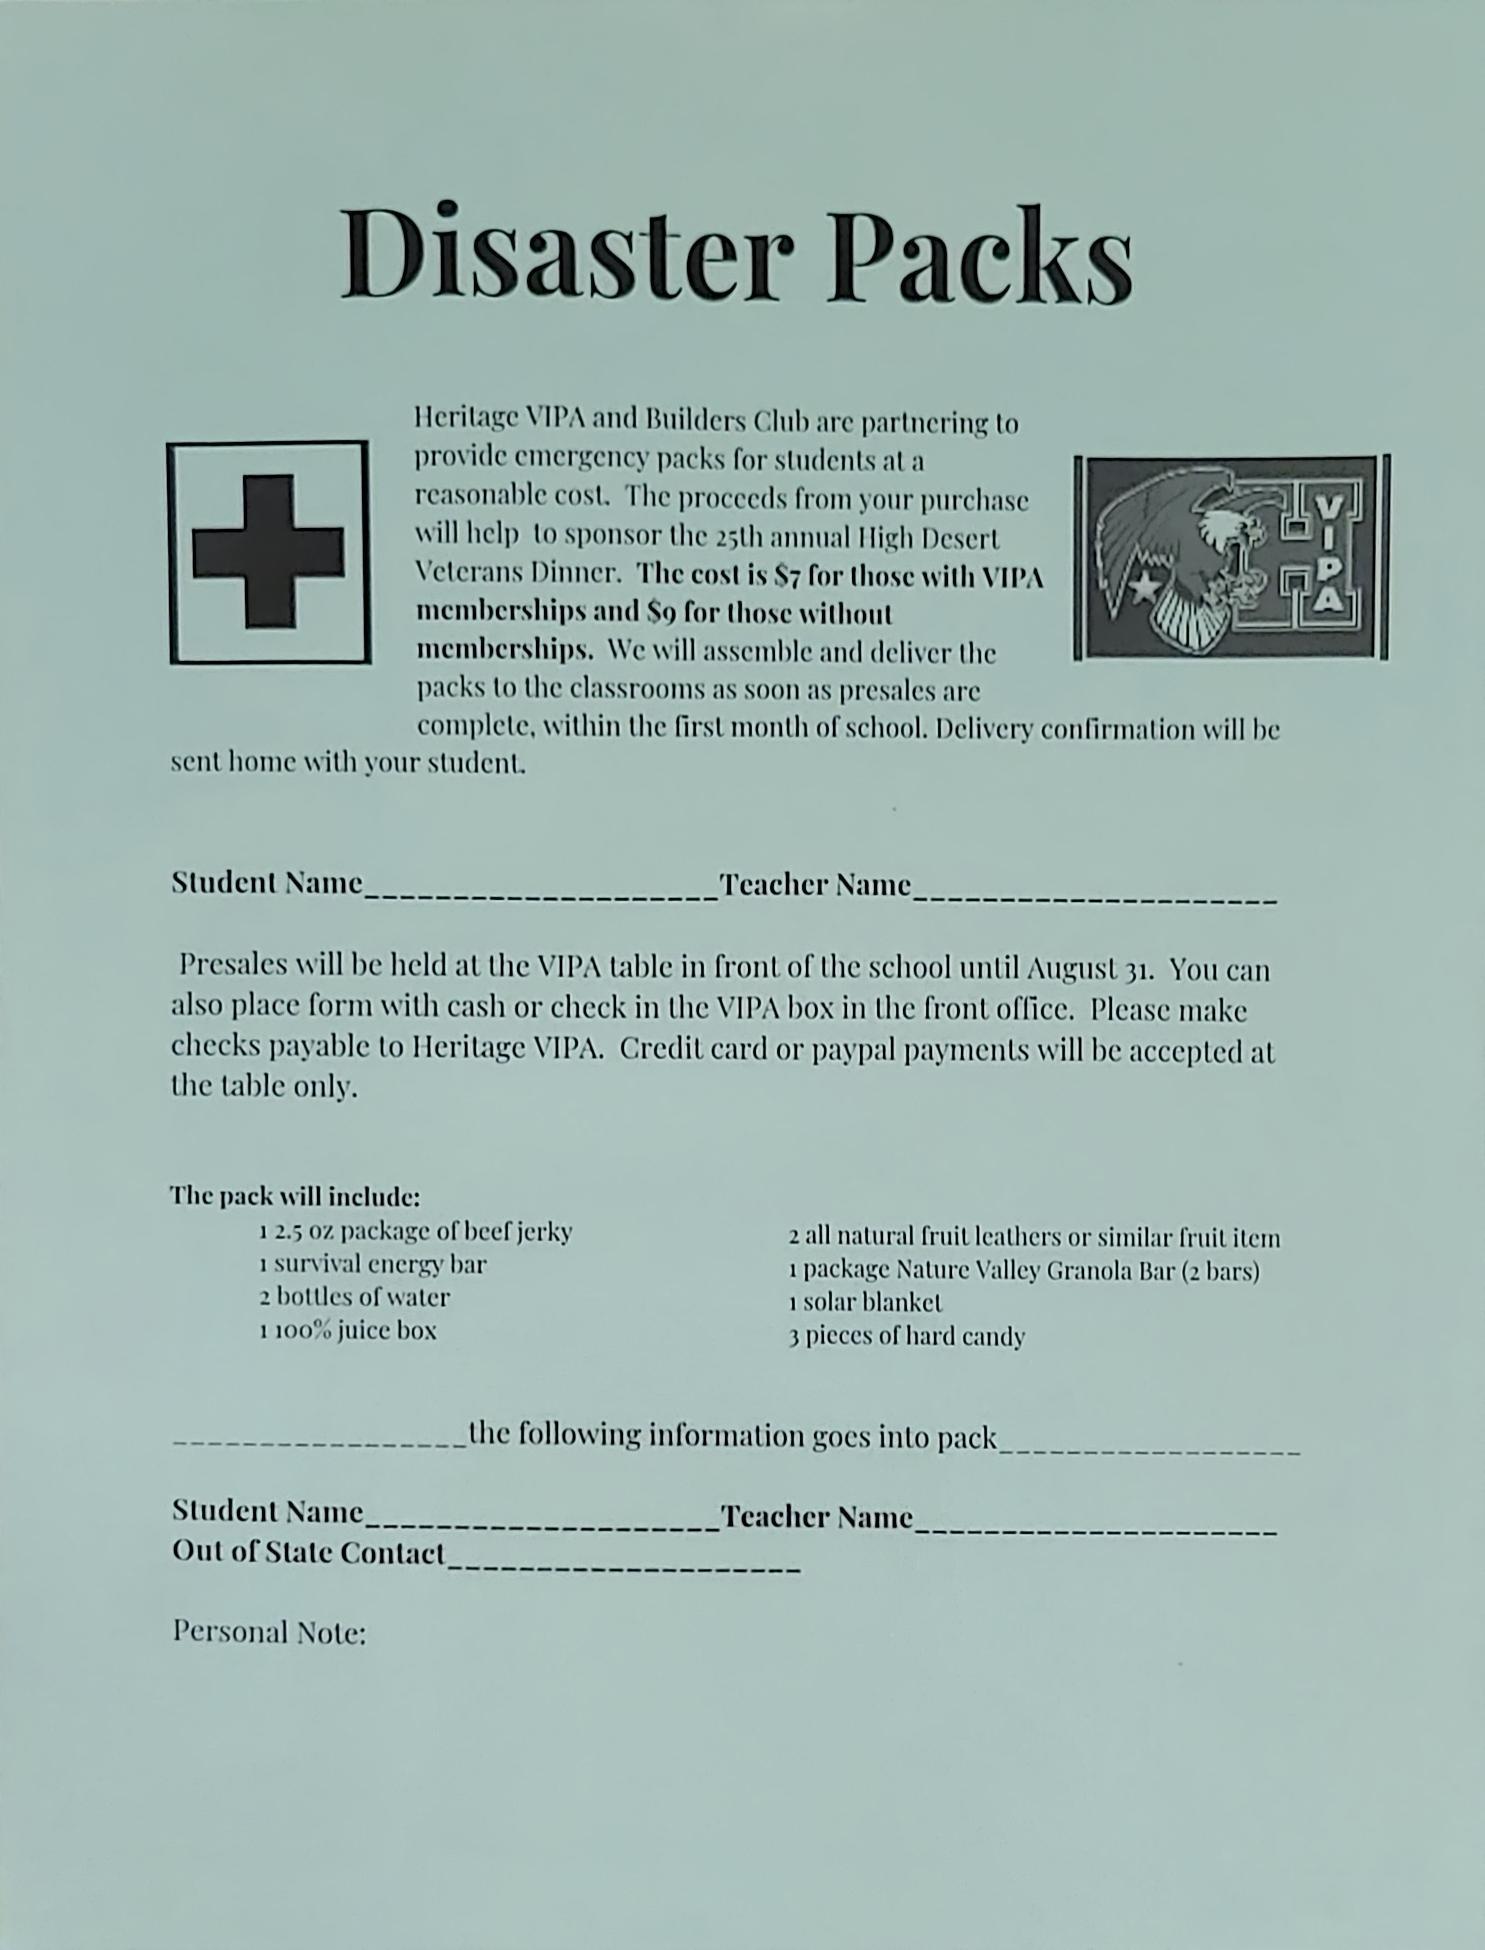 Disaster Pack Pre-orders